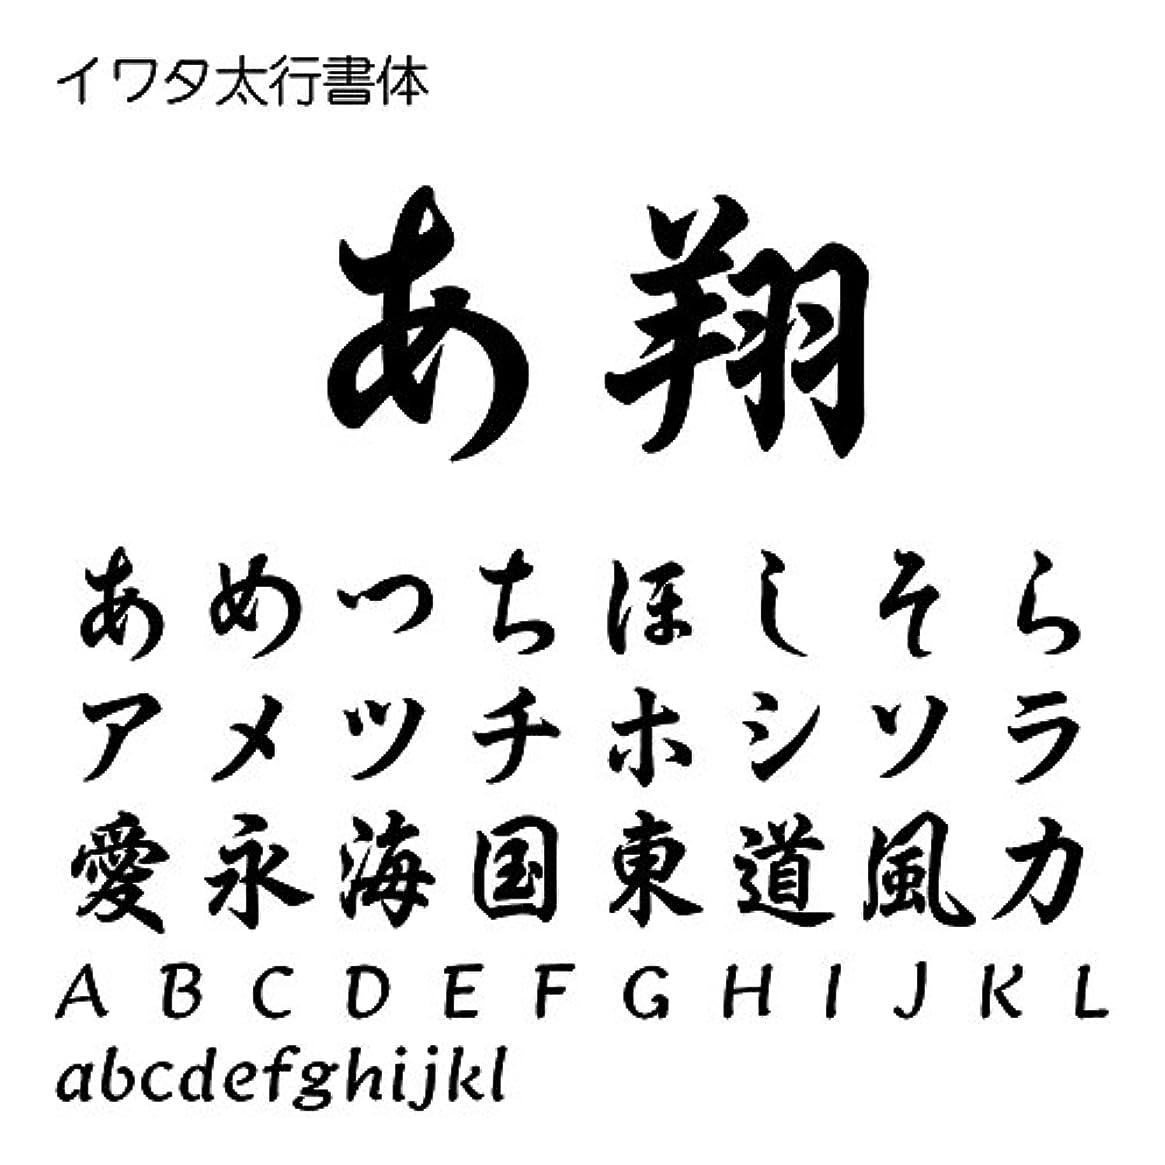 リマークフィクション大人イワタ太行書体Pro OpenType Font for Windows [ダウンロード]